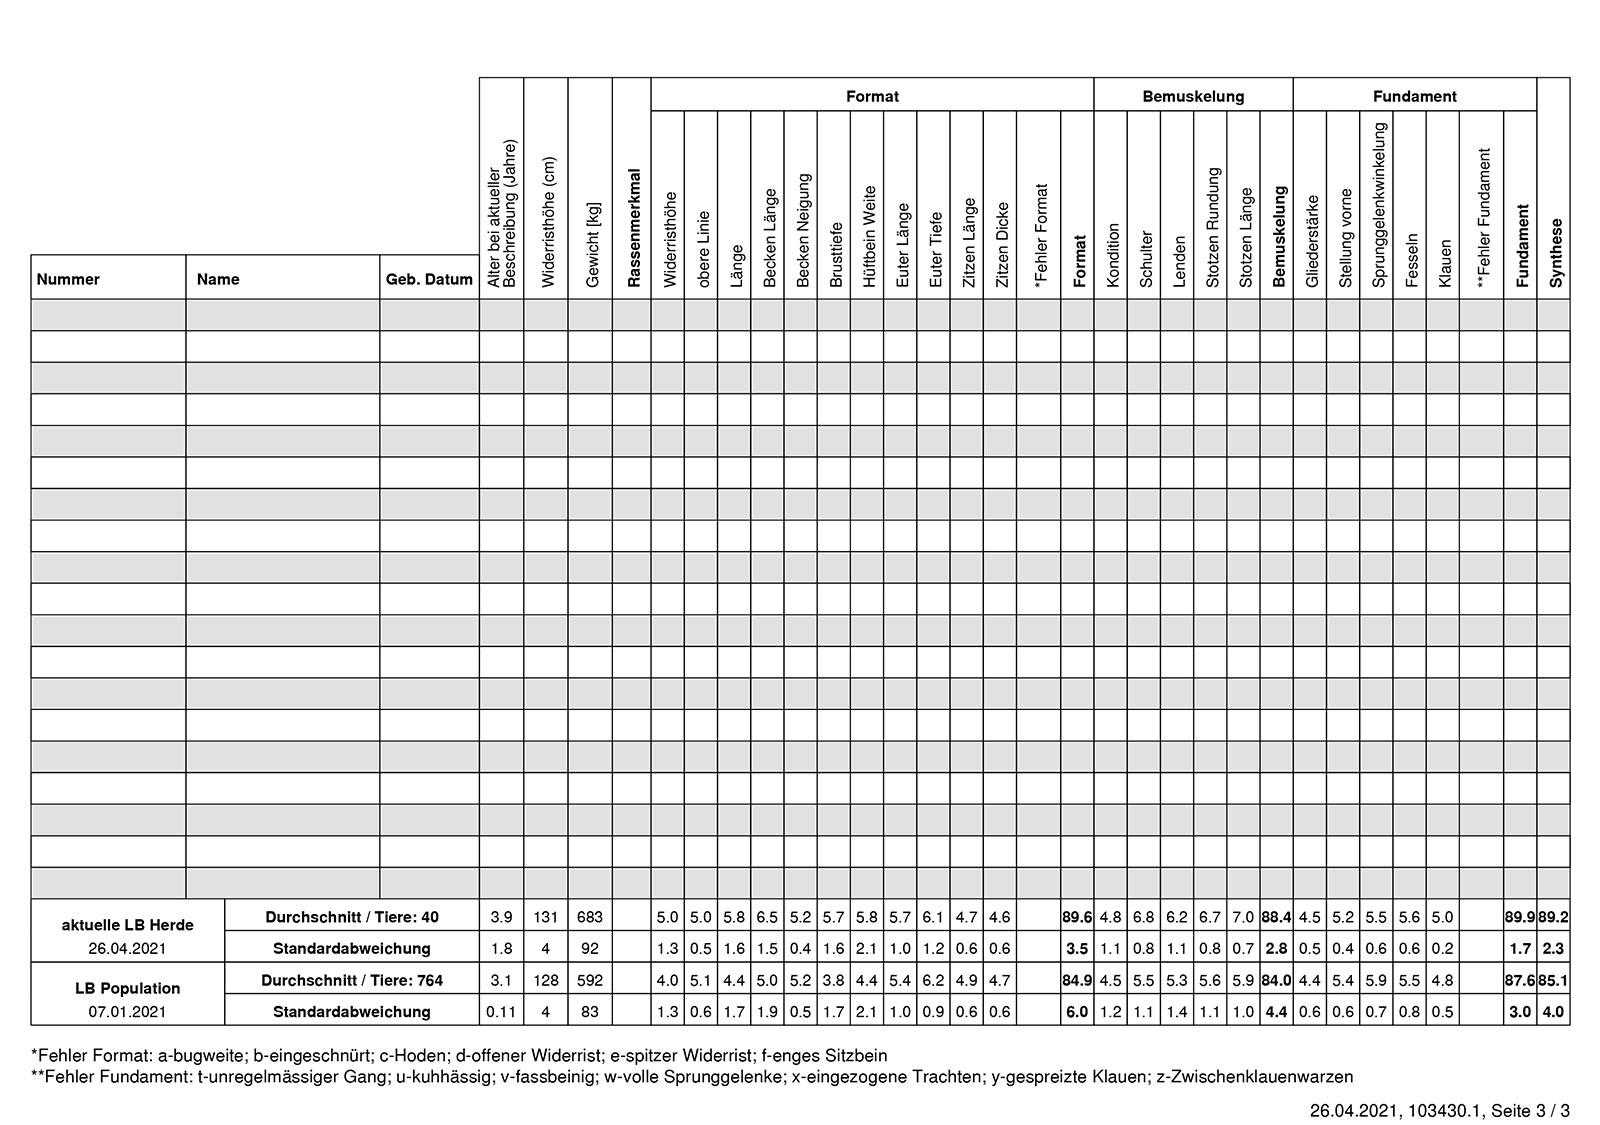 Lineare Beschreibung Frühling 2021 / Seite 3